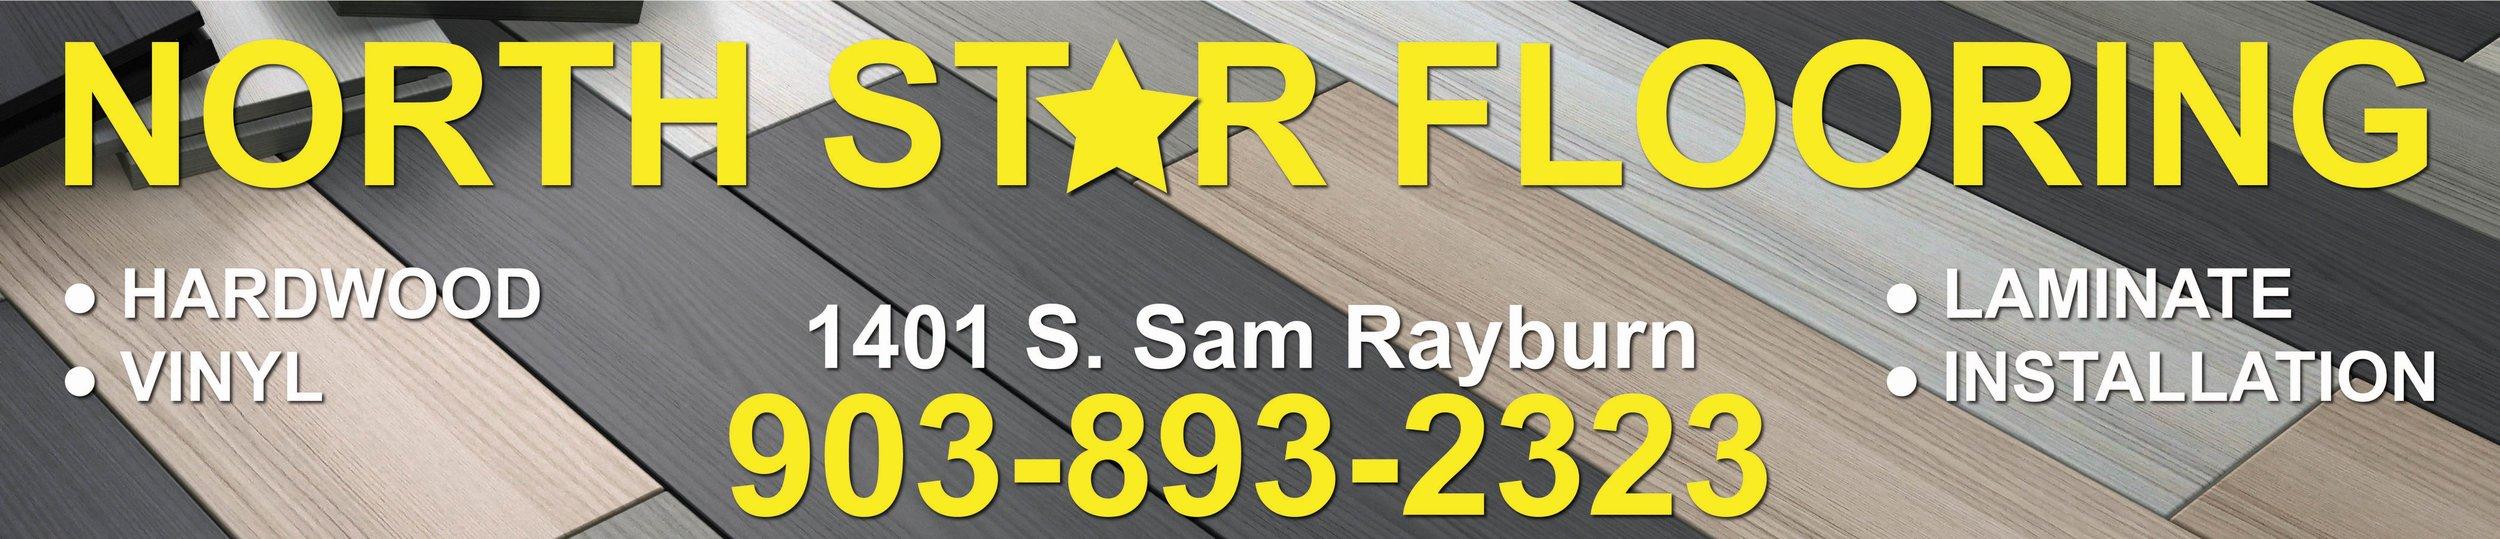 North Star Flooring.jpg